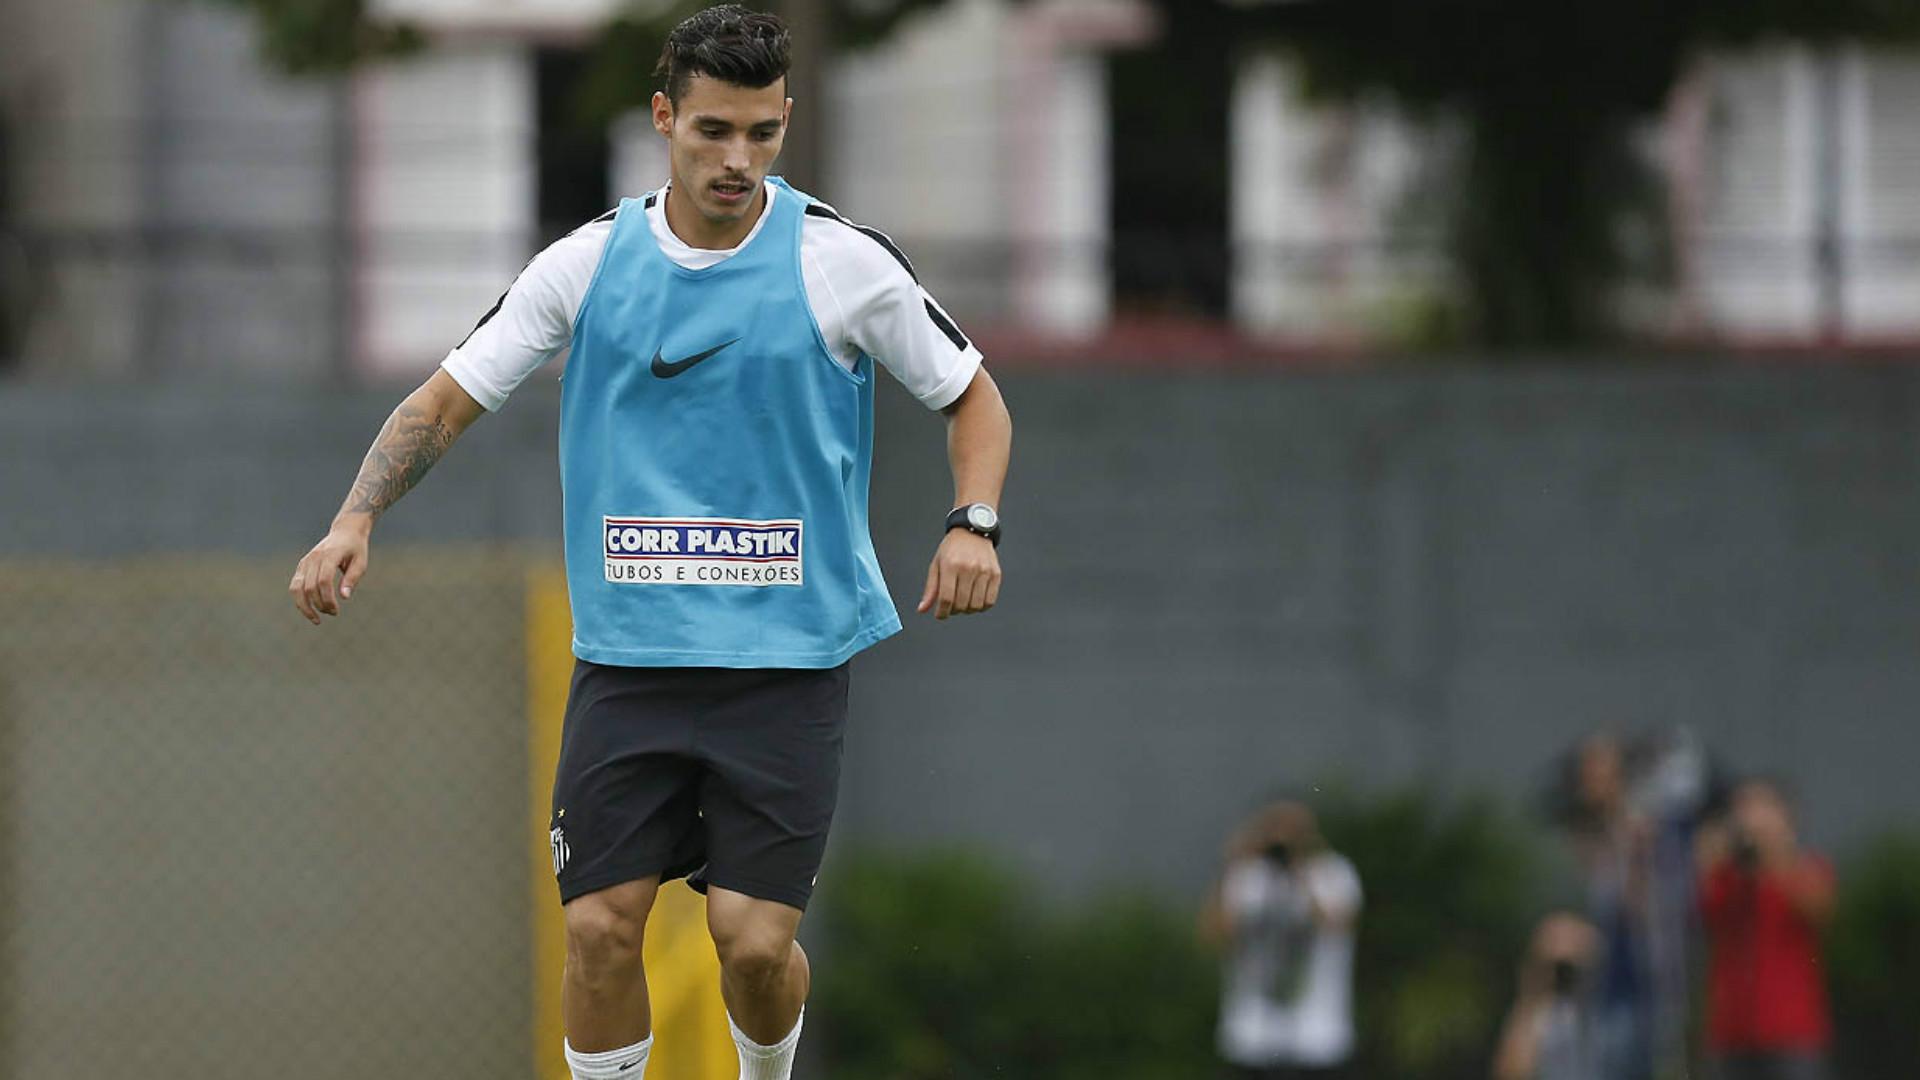 Zeca acredita em acerto com o Flamengo: